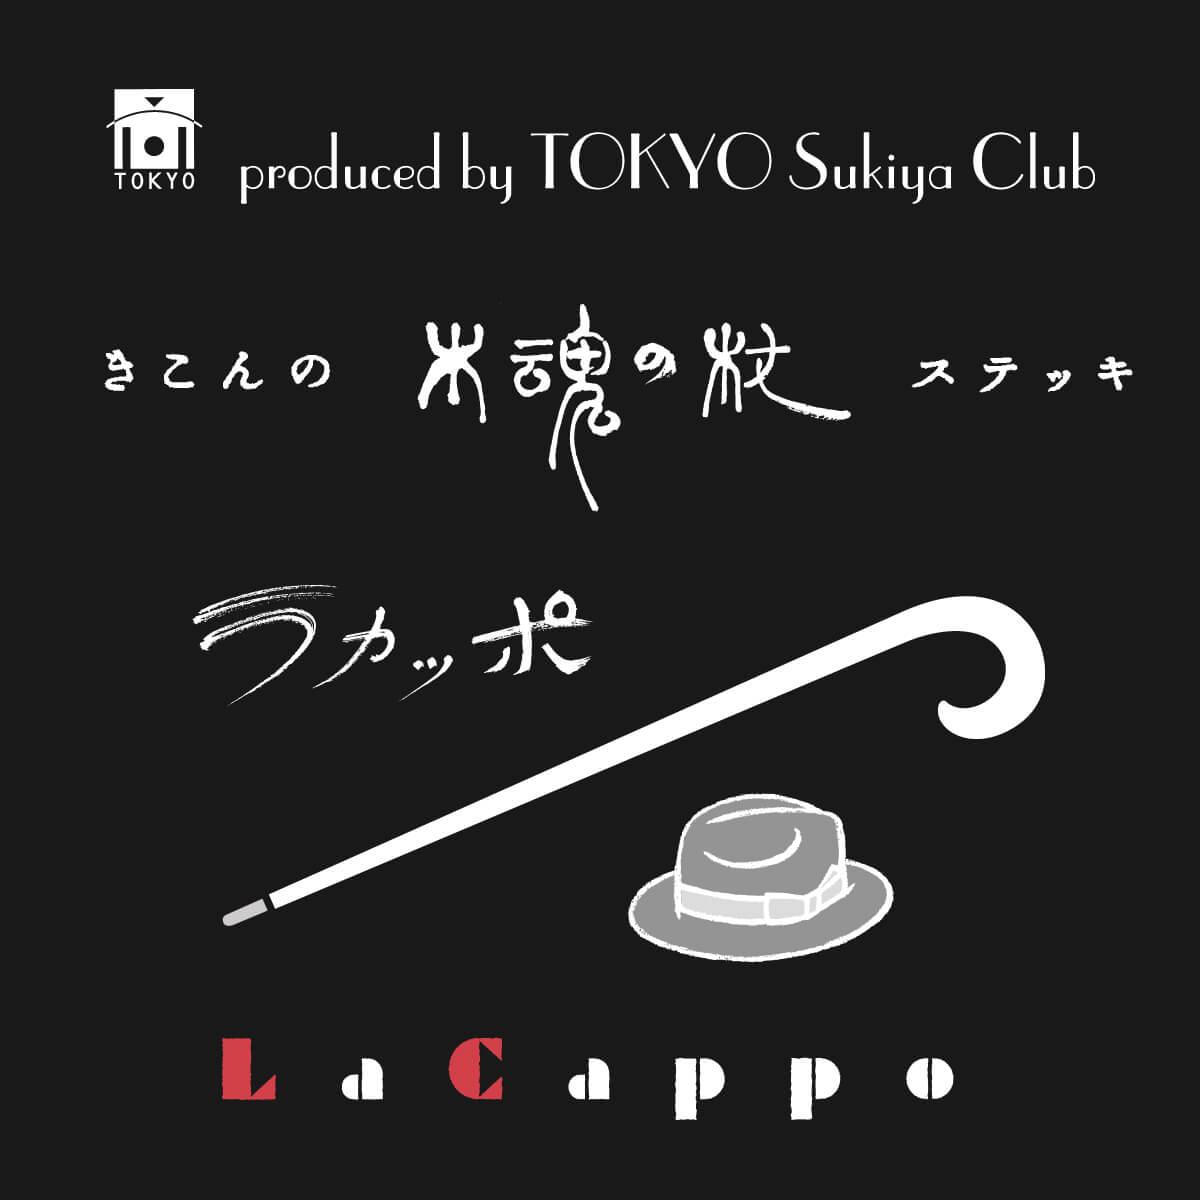 東京数寄屋倶楽部ラカッポ